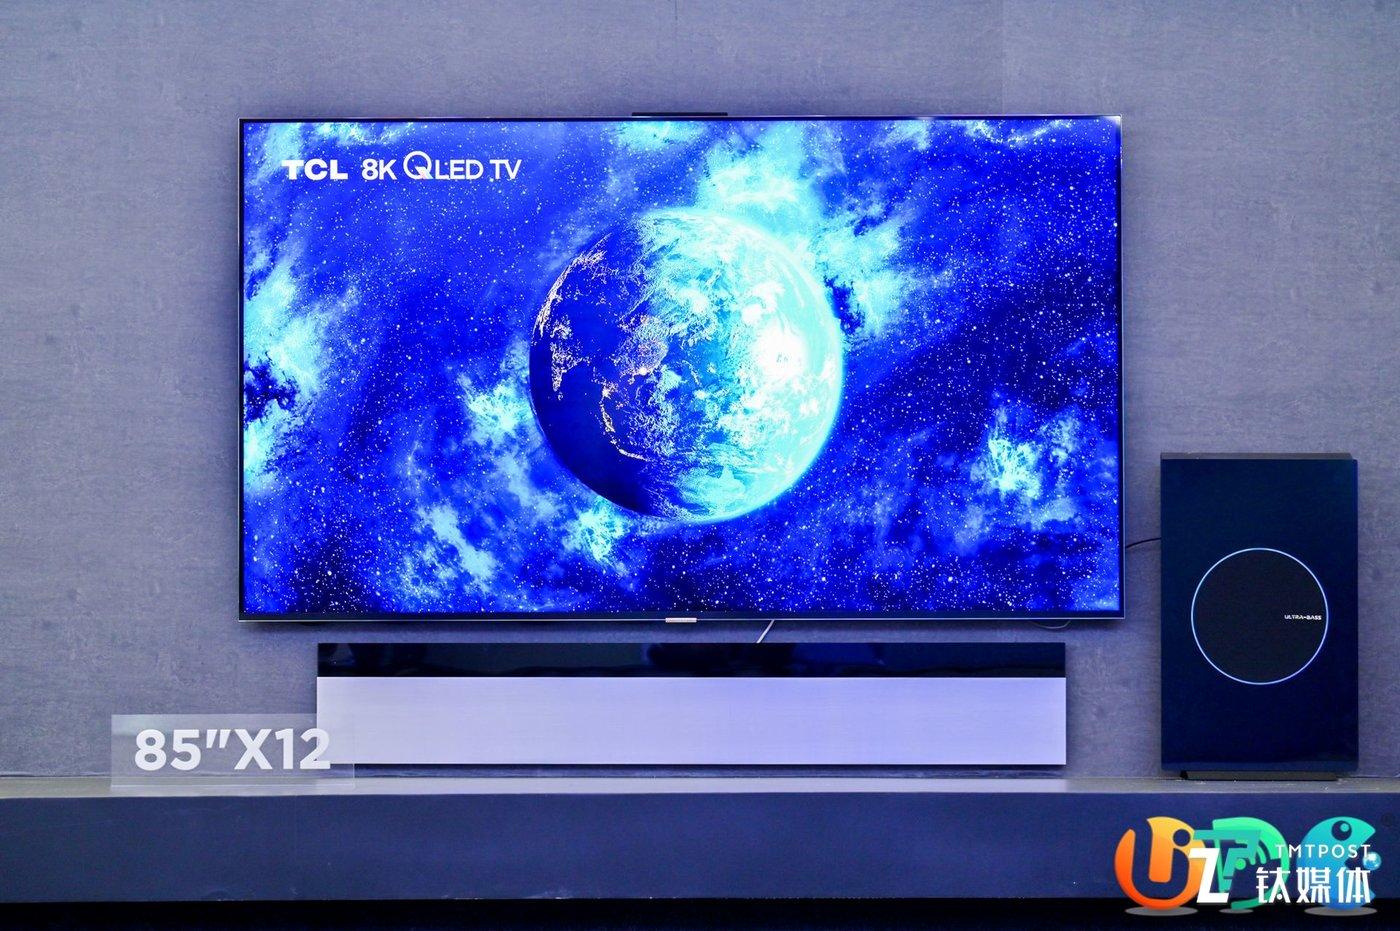 应用Mini LED并拥有8K分辨率的X12产品